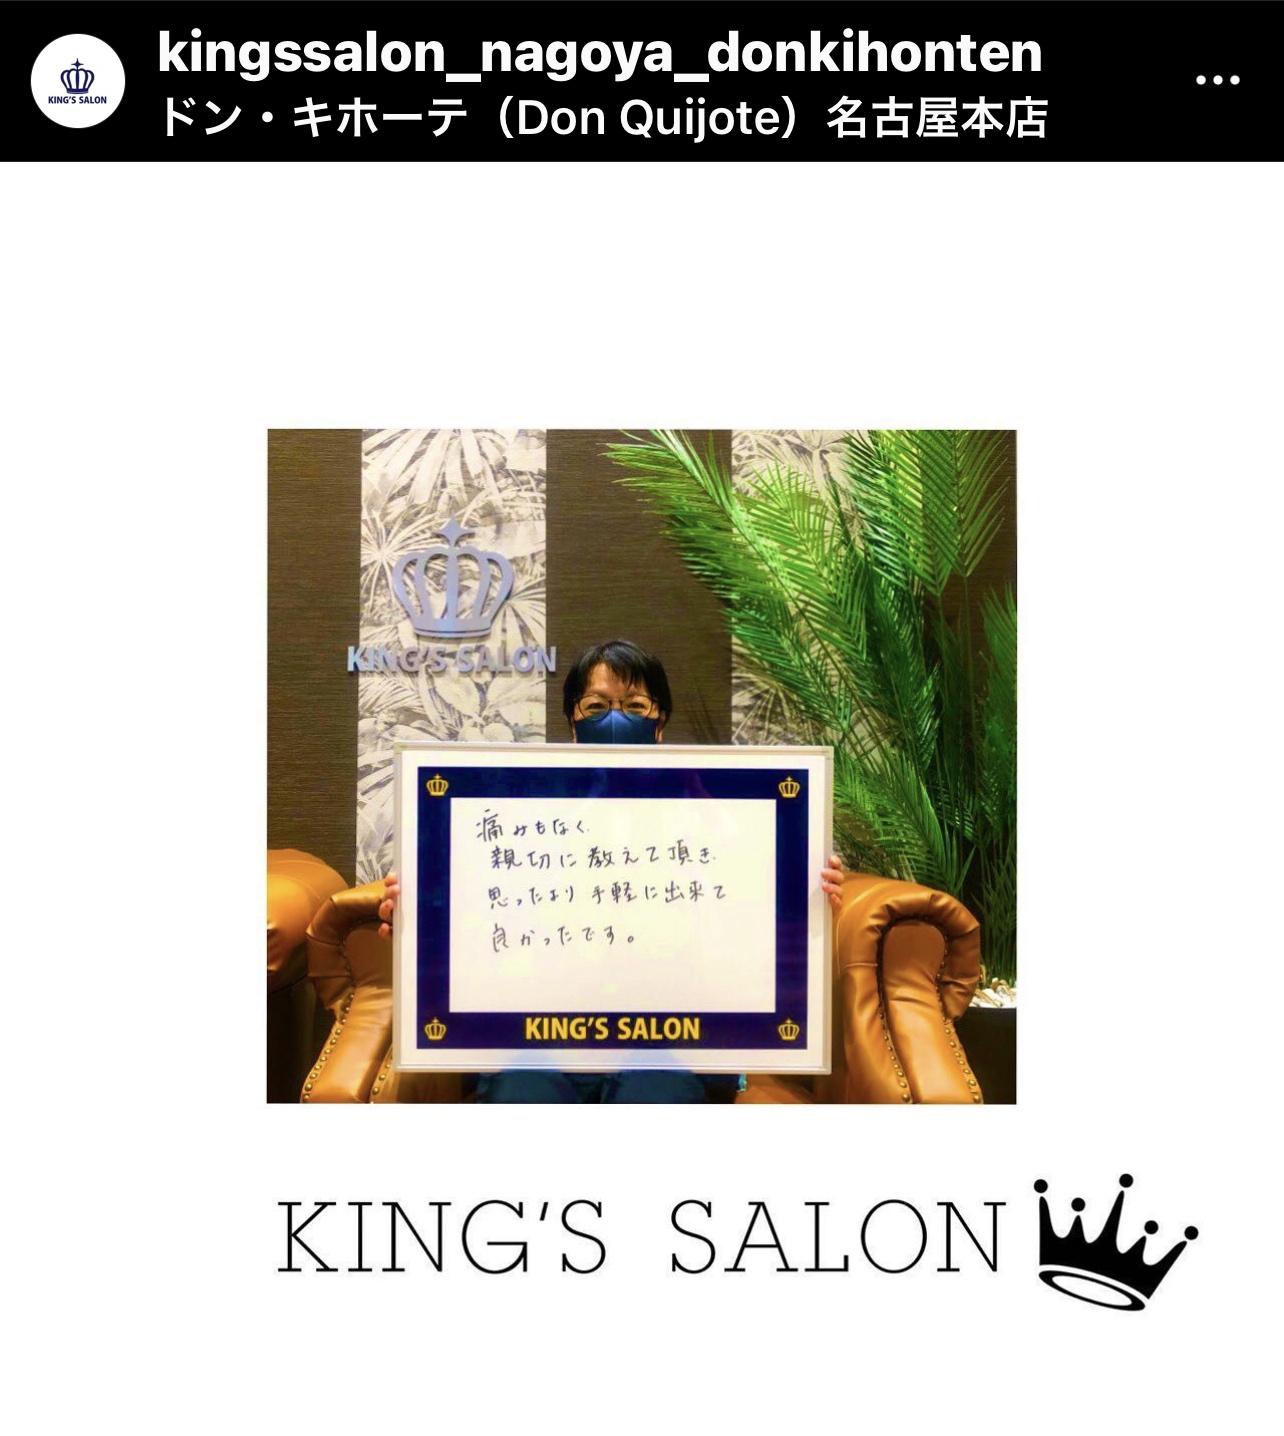 お客様の声 キングスサロンMEGAドン・キホーテ 名古屋本店のサムネイル画像